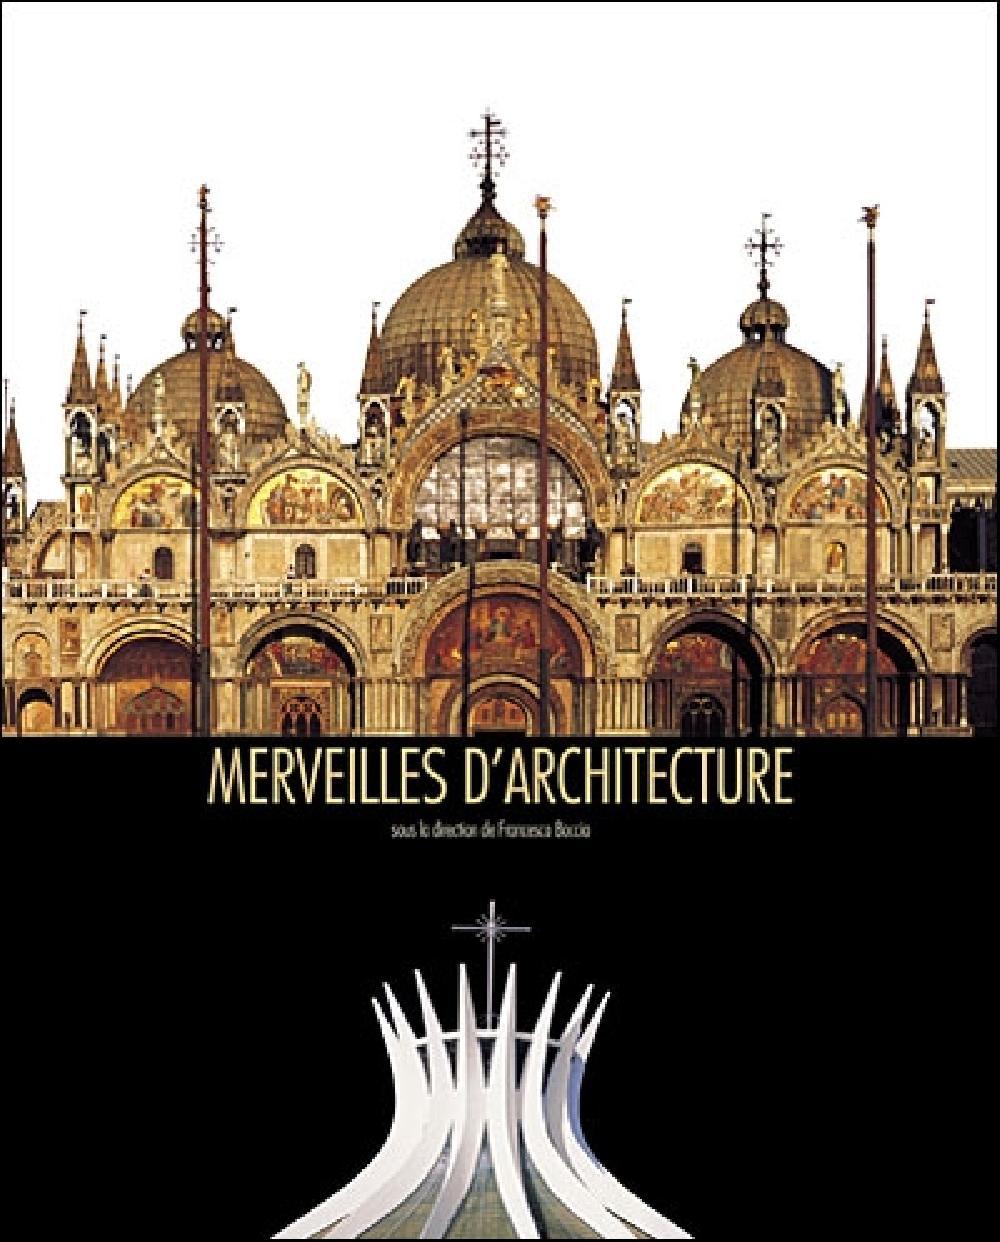 Merveilles d'architecture